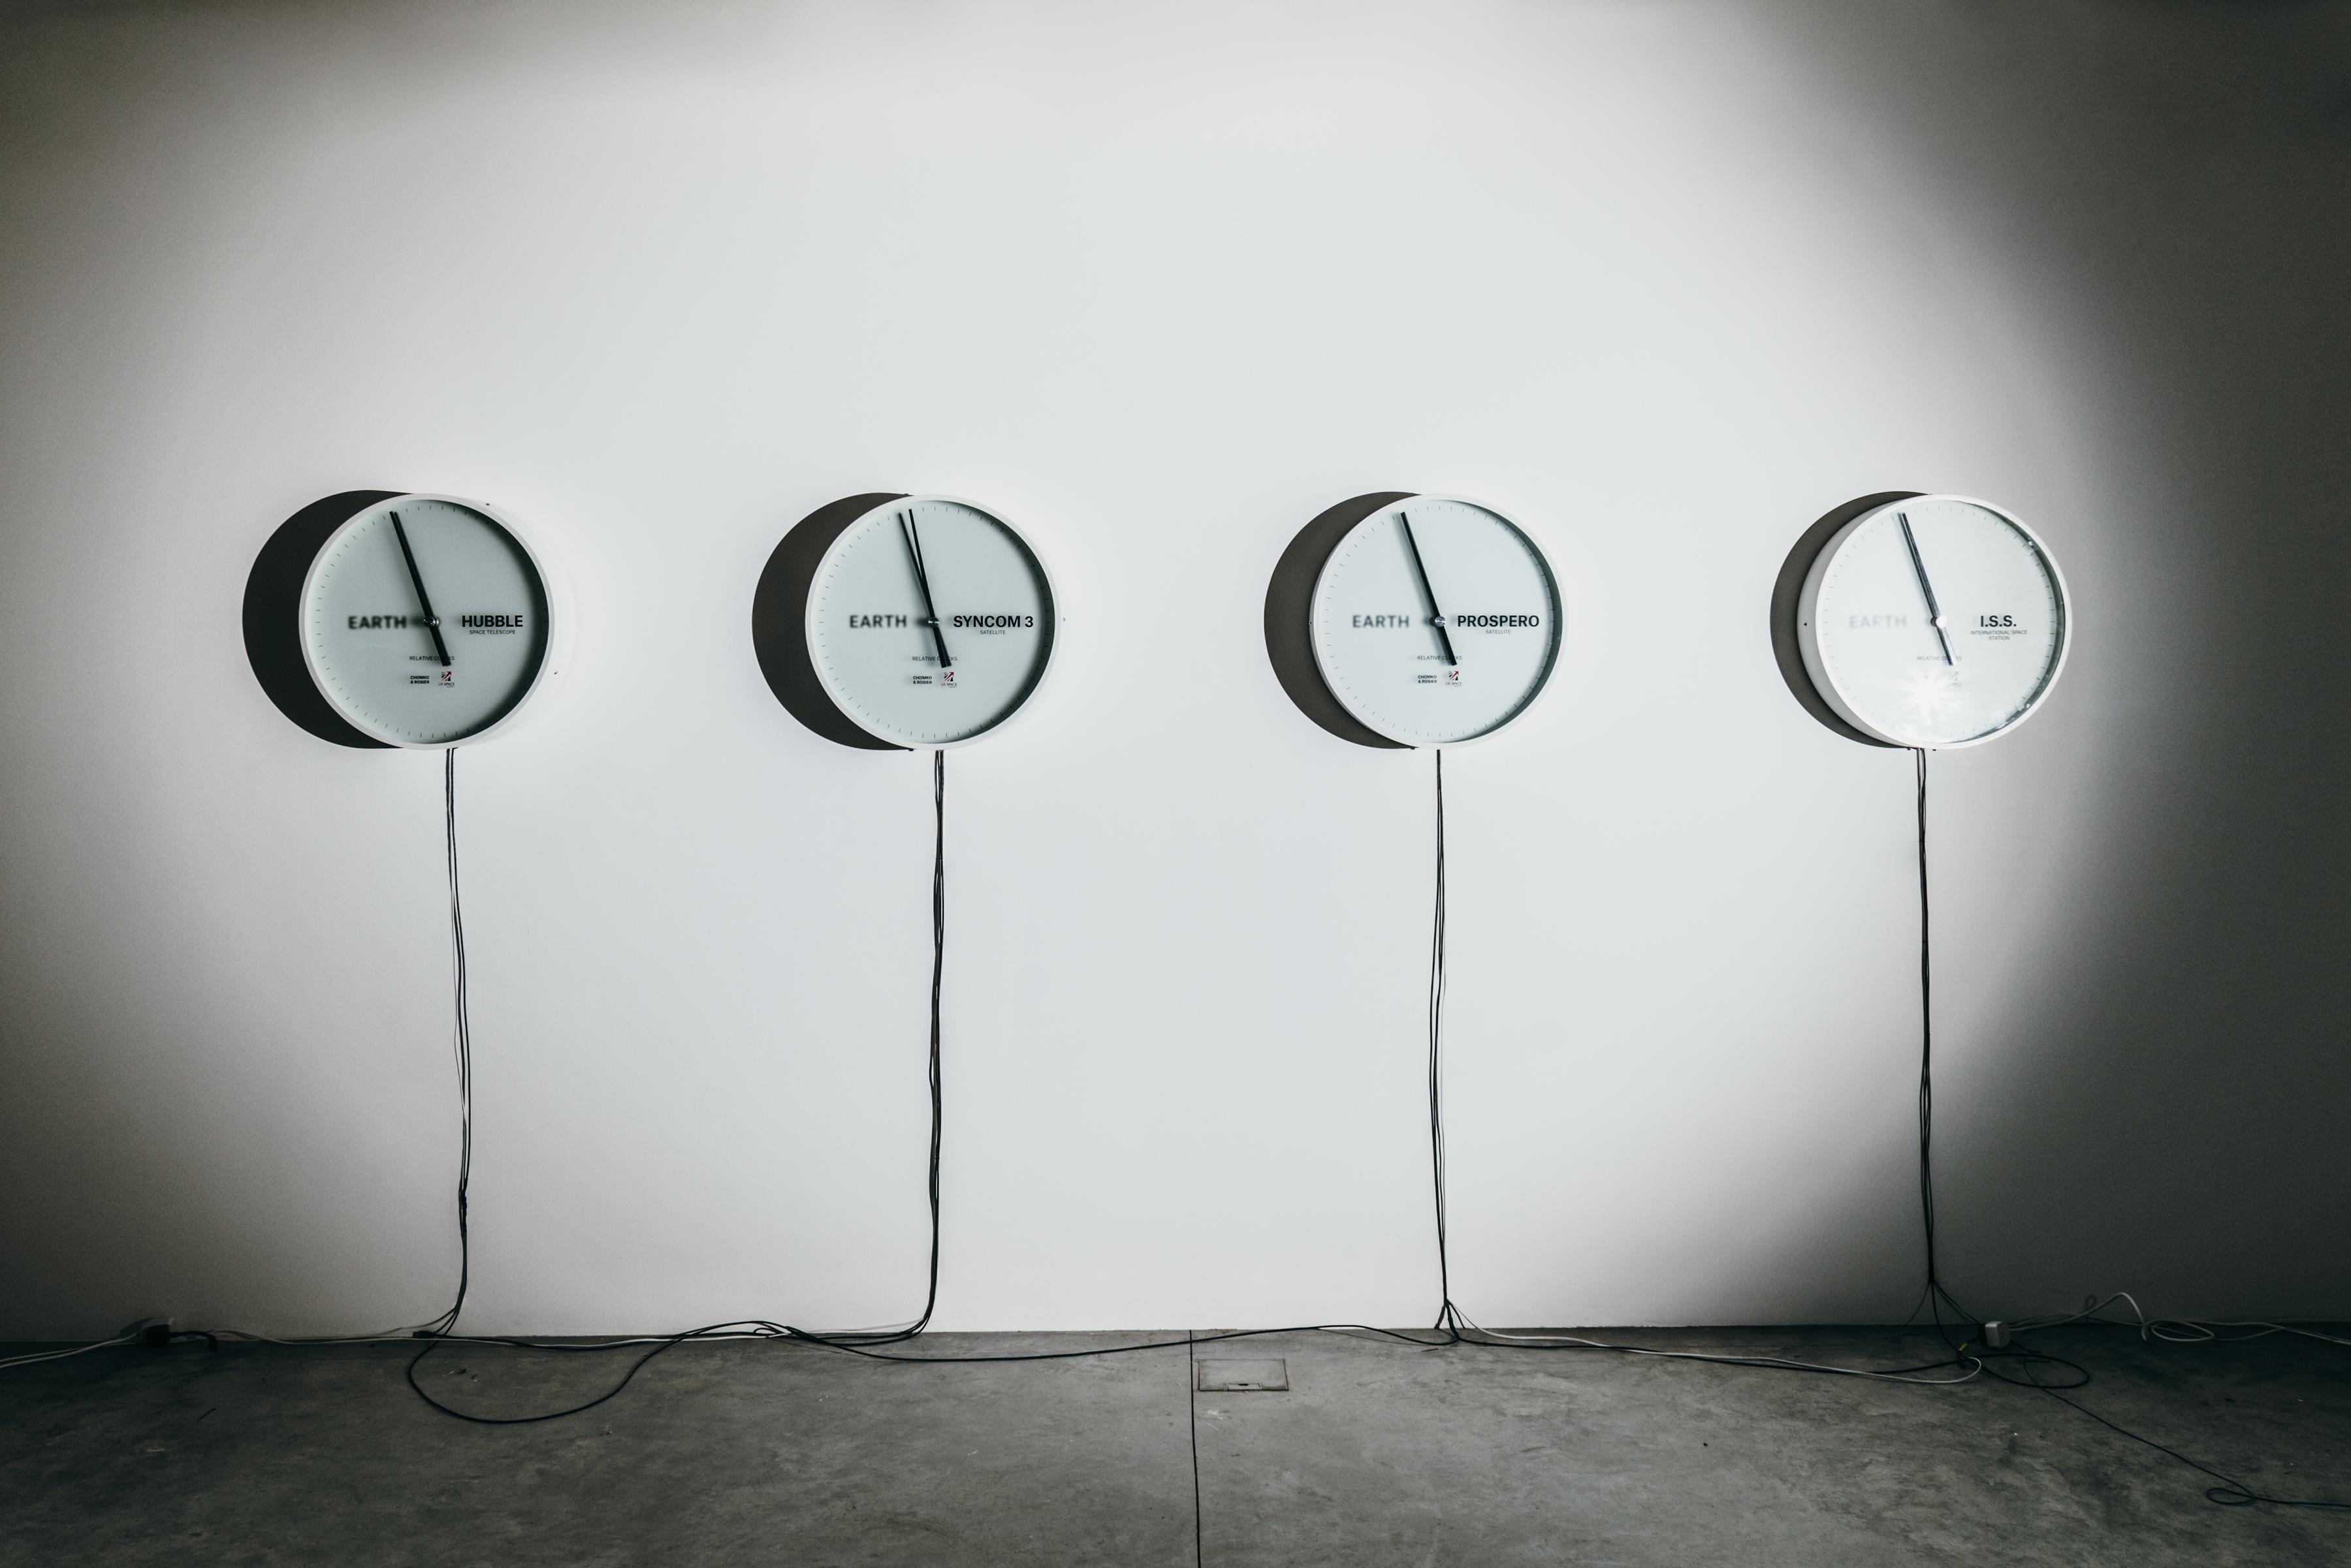 relative_clocks_large_01_copyright-richard-john-seymore